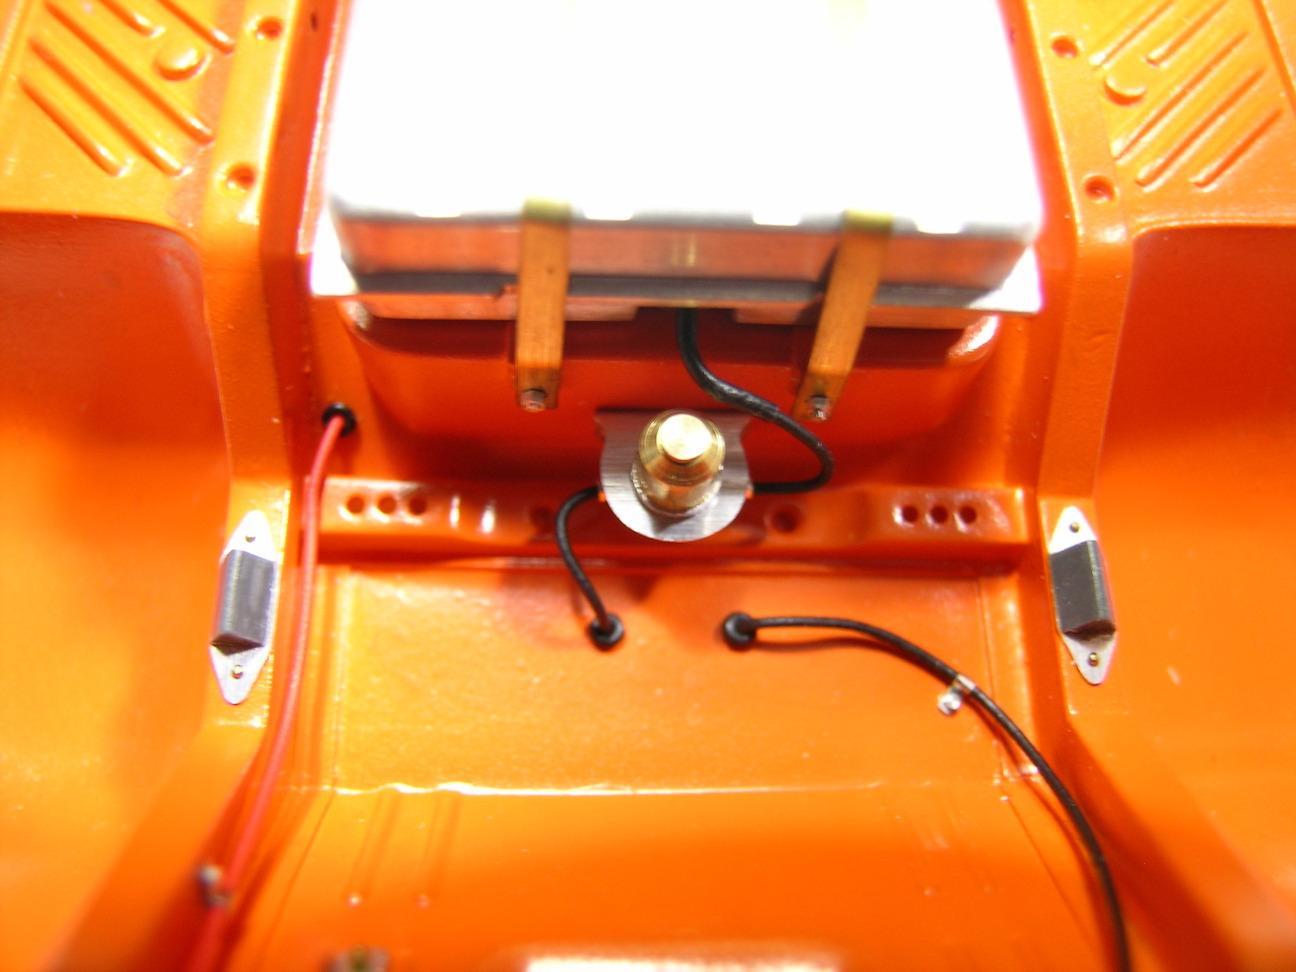 15-FuelPump.JPG.0b2c86024b19c4c6f78873ef6da0d442.JPG